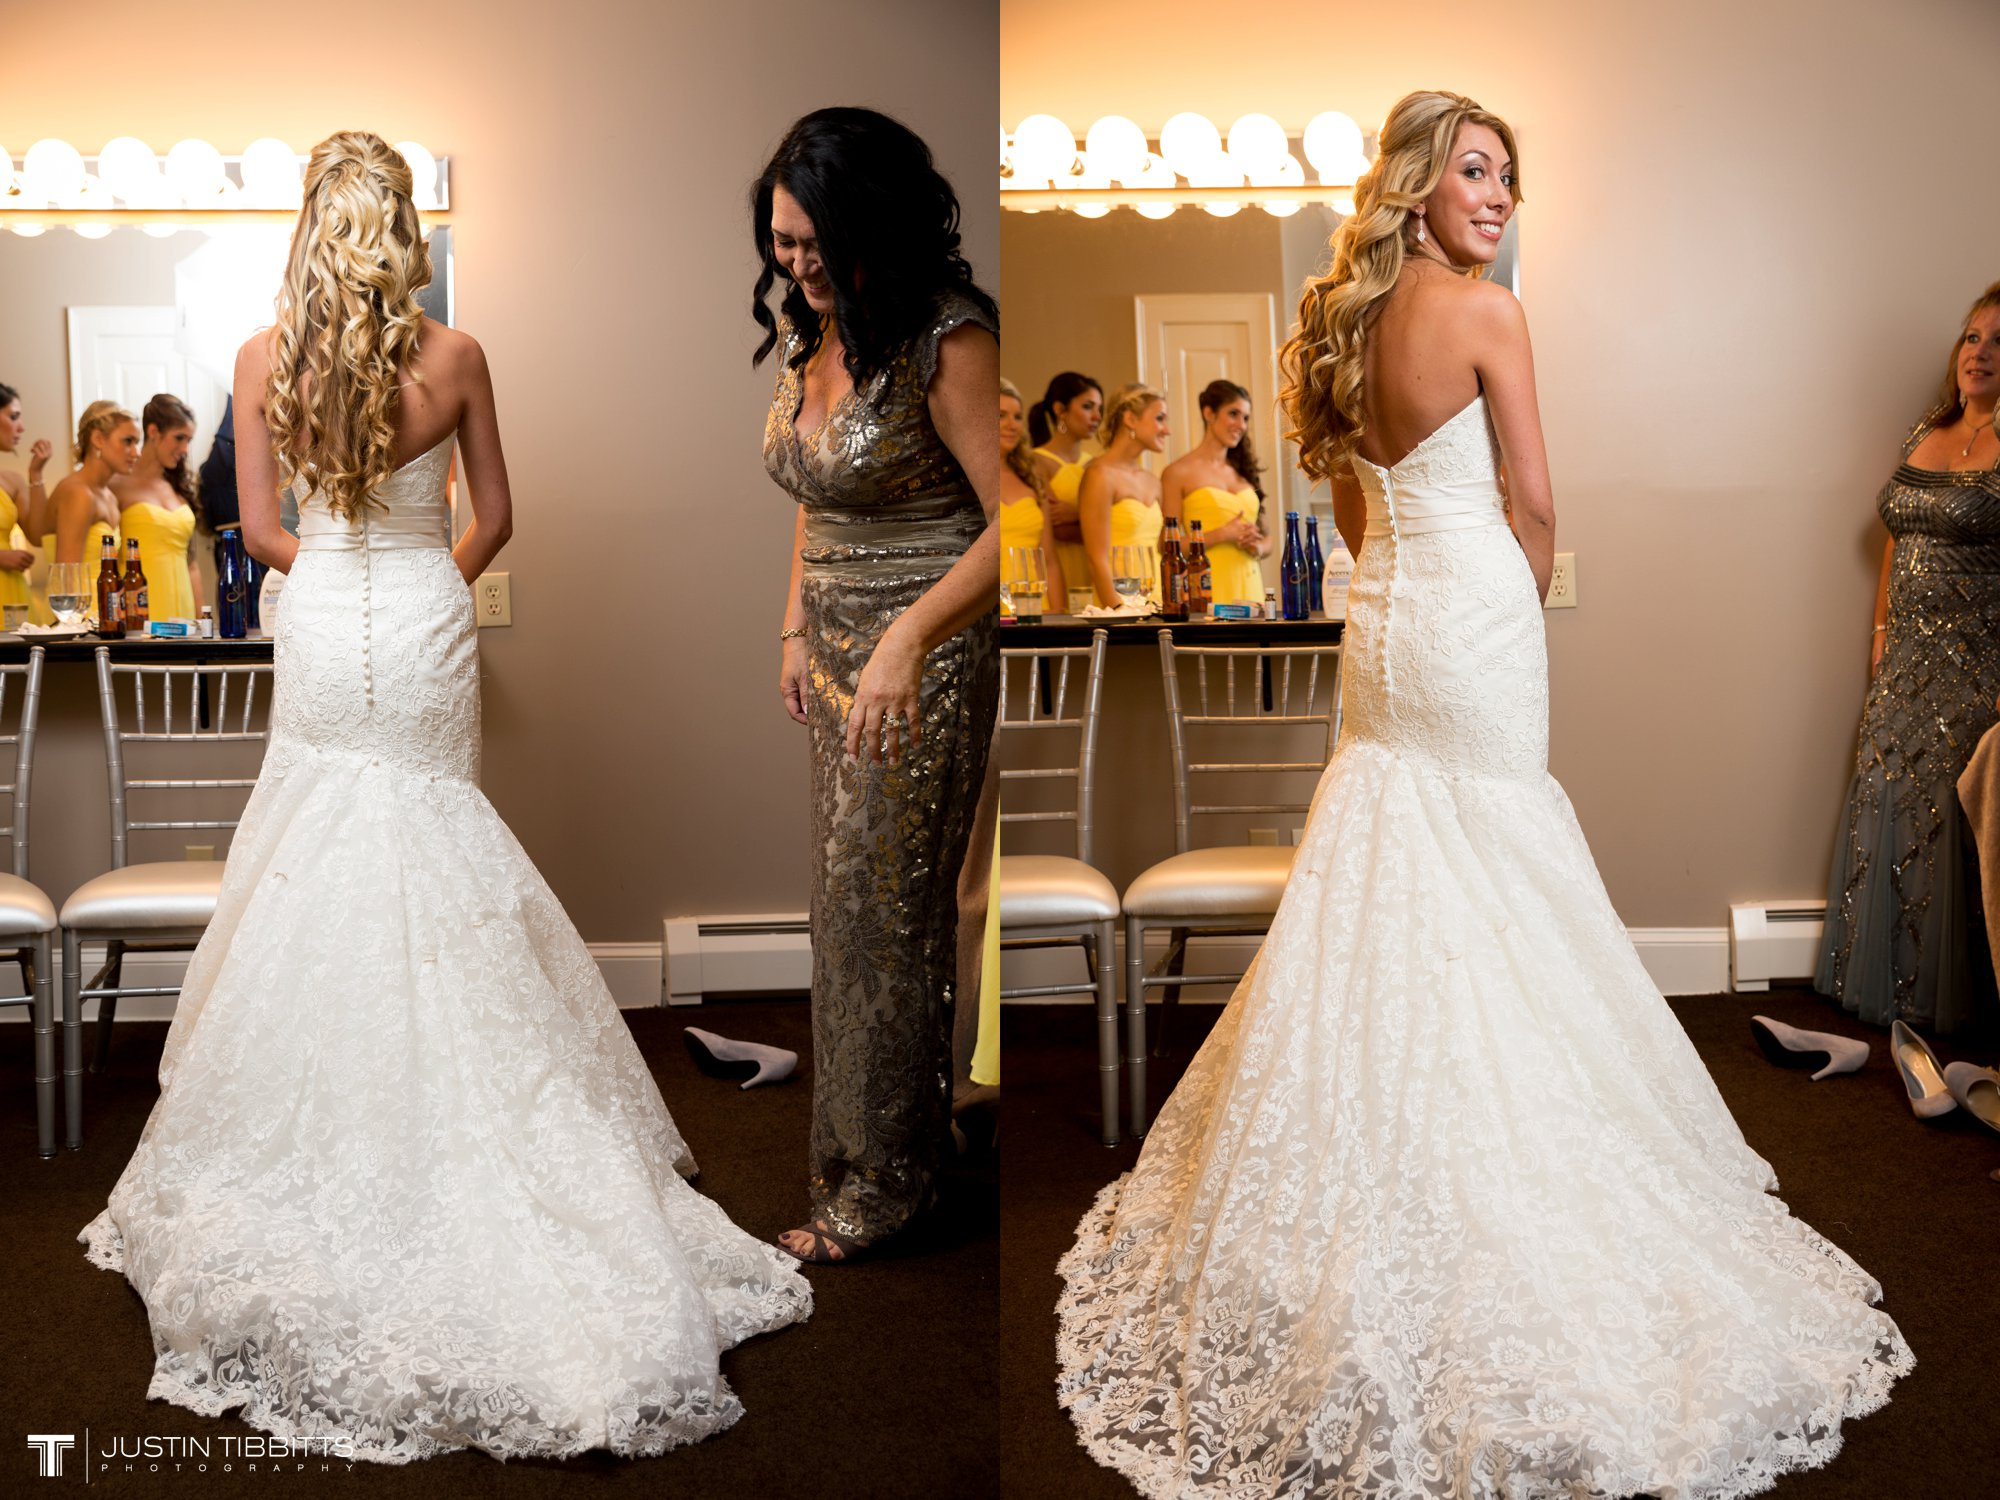 Albany NY Wedding Photographer Justin Tibbitts Photography Best of Albany NY Weddings 201416